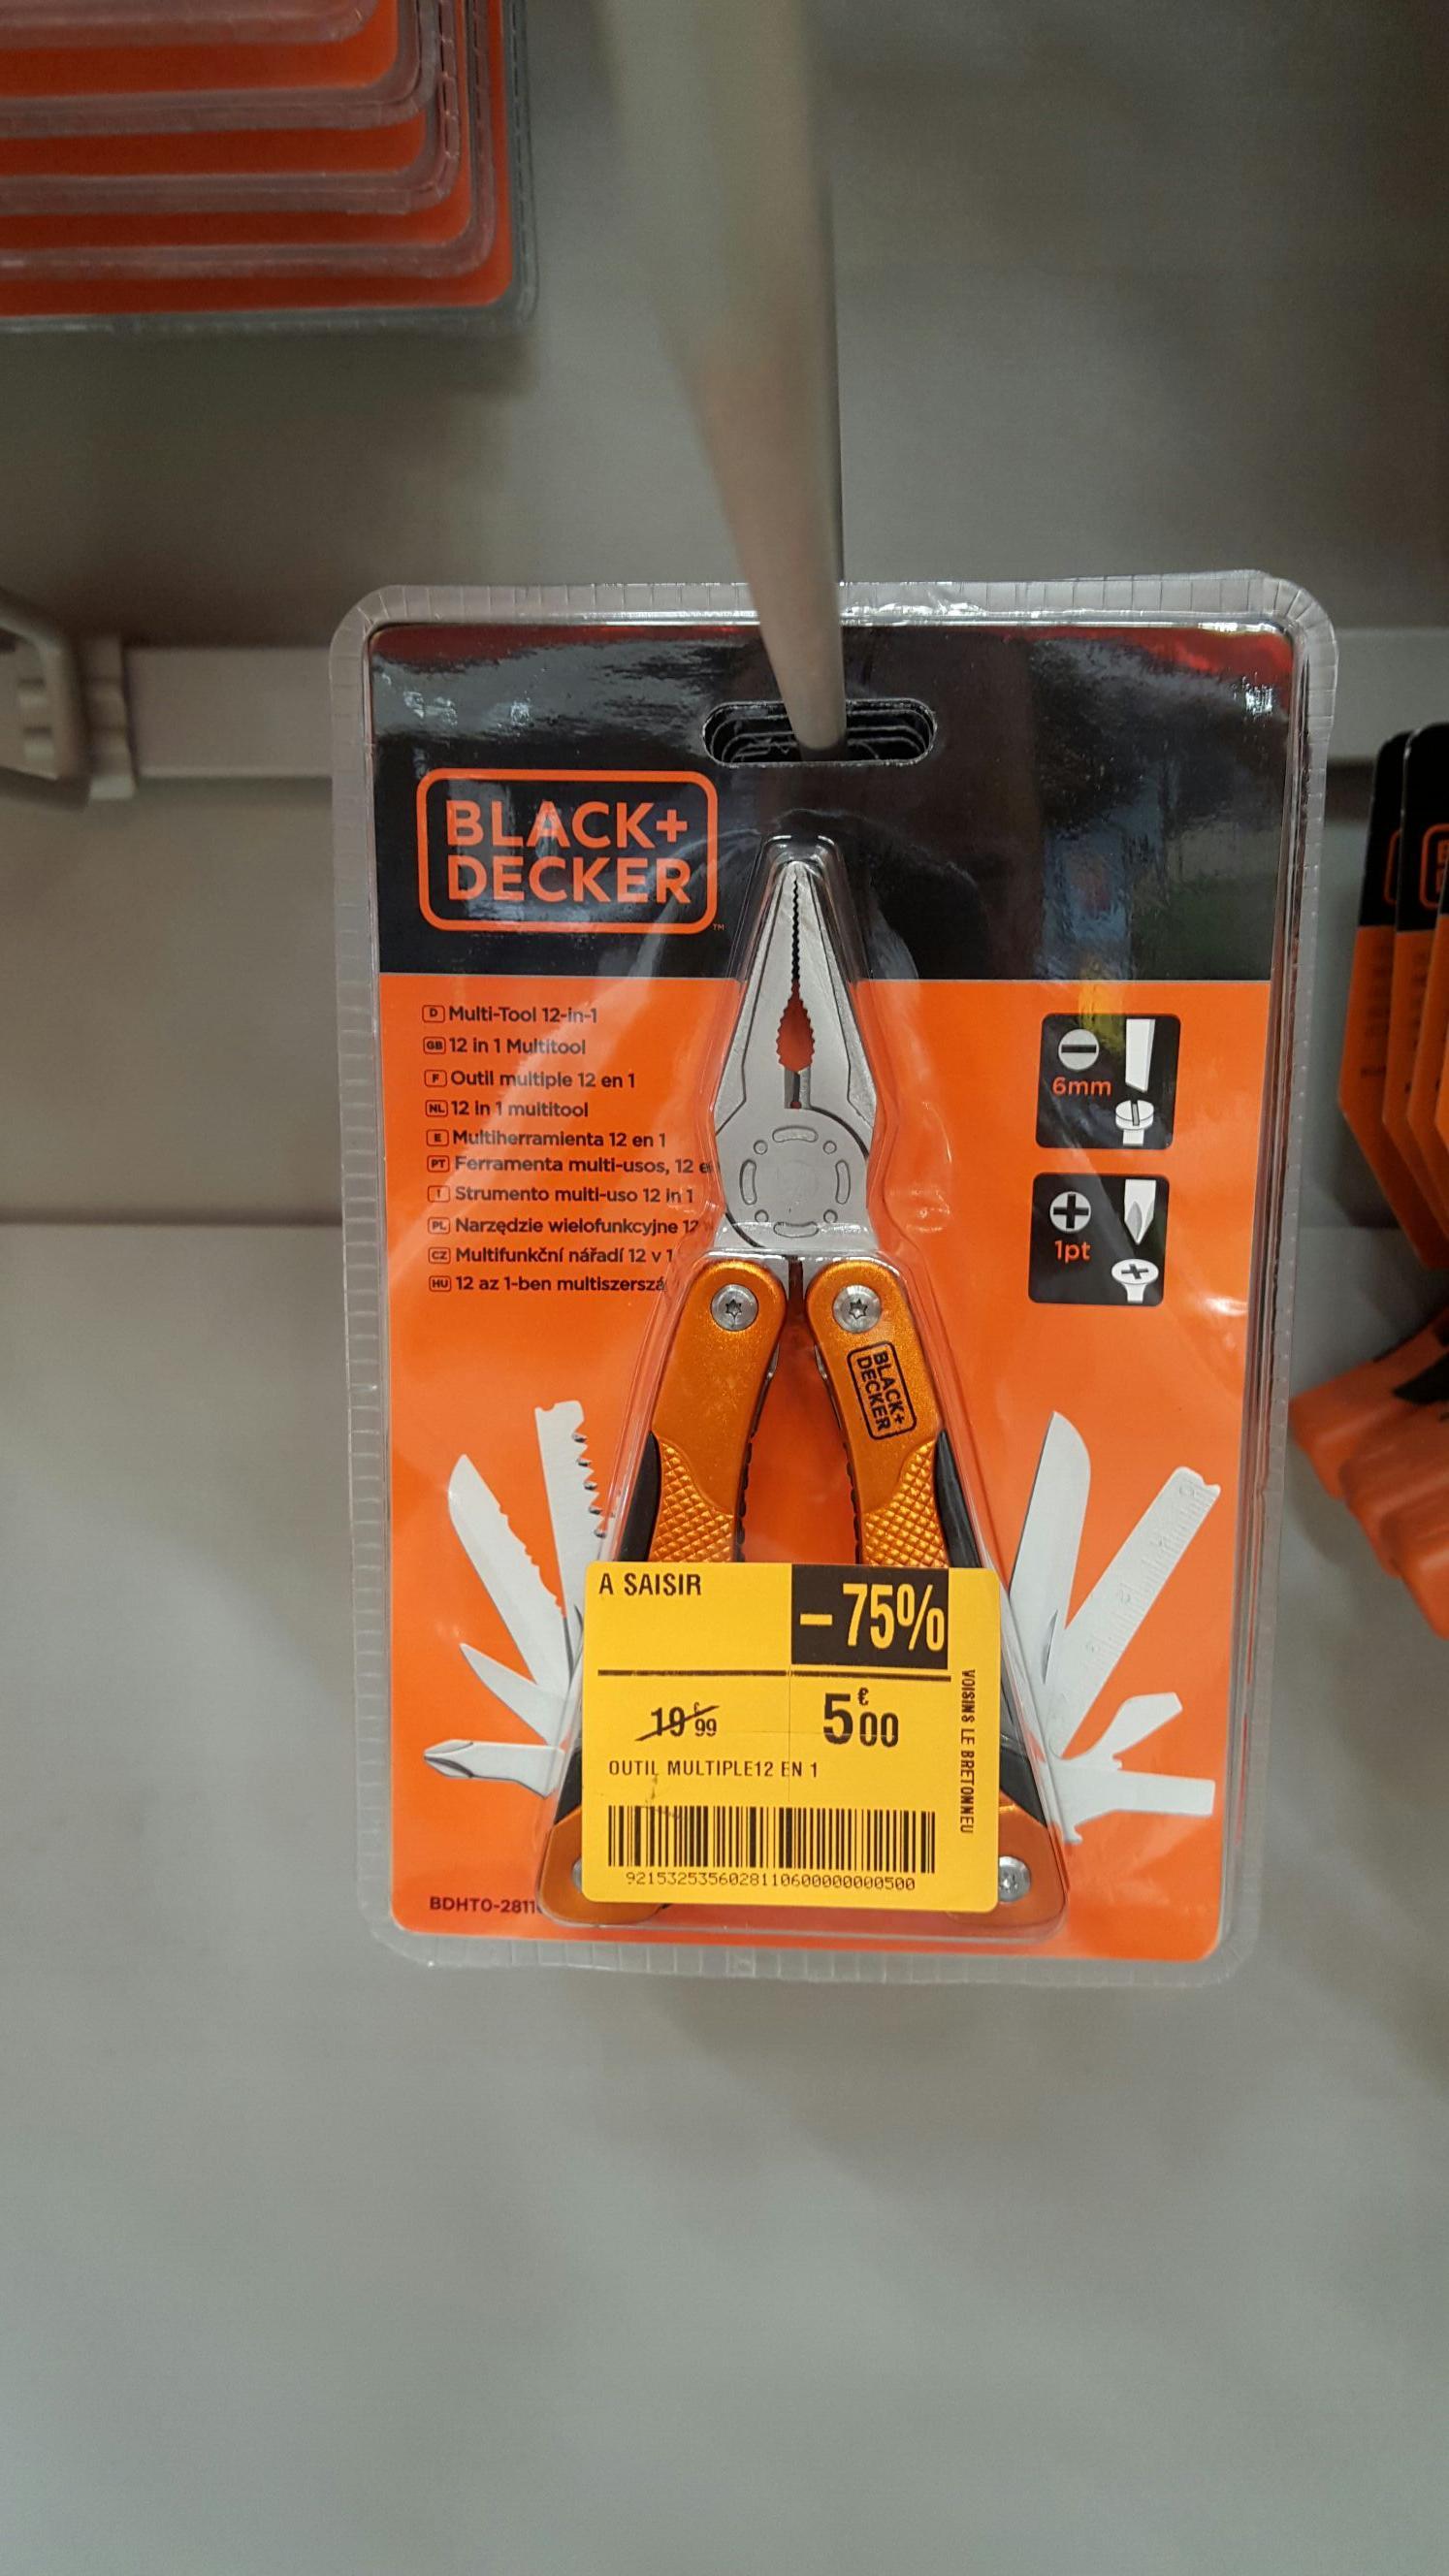 Sélection d'outils Black & Decker en promo - Ex : Outil multiple 12 en 1 Black & Decker